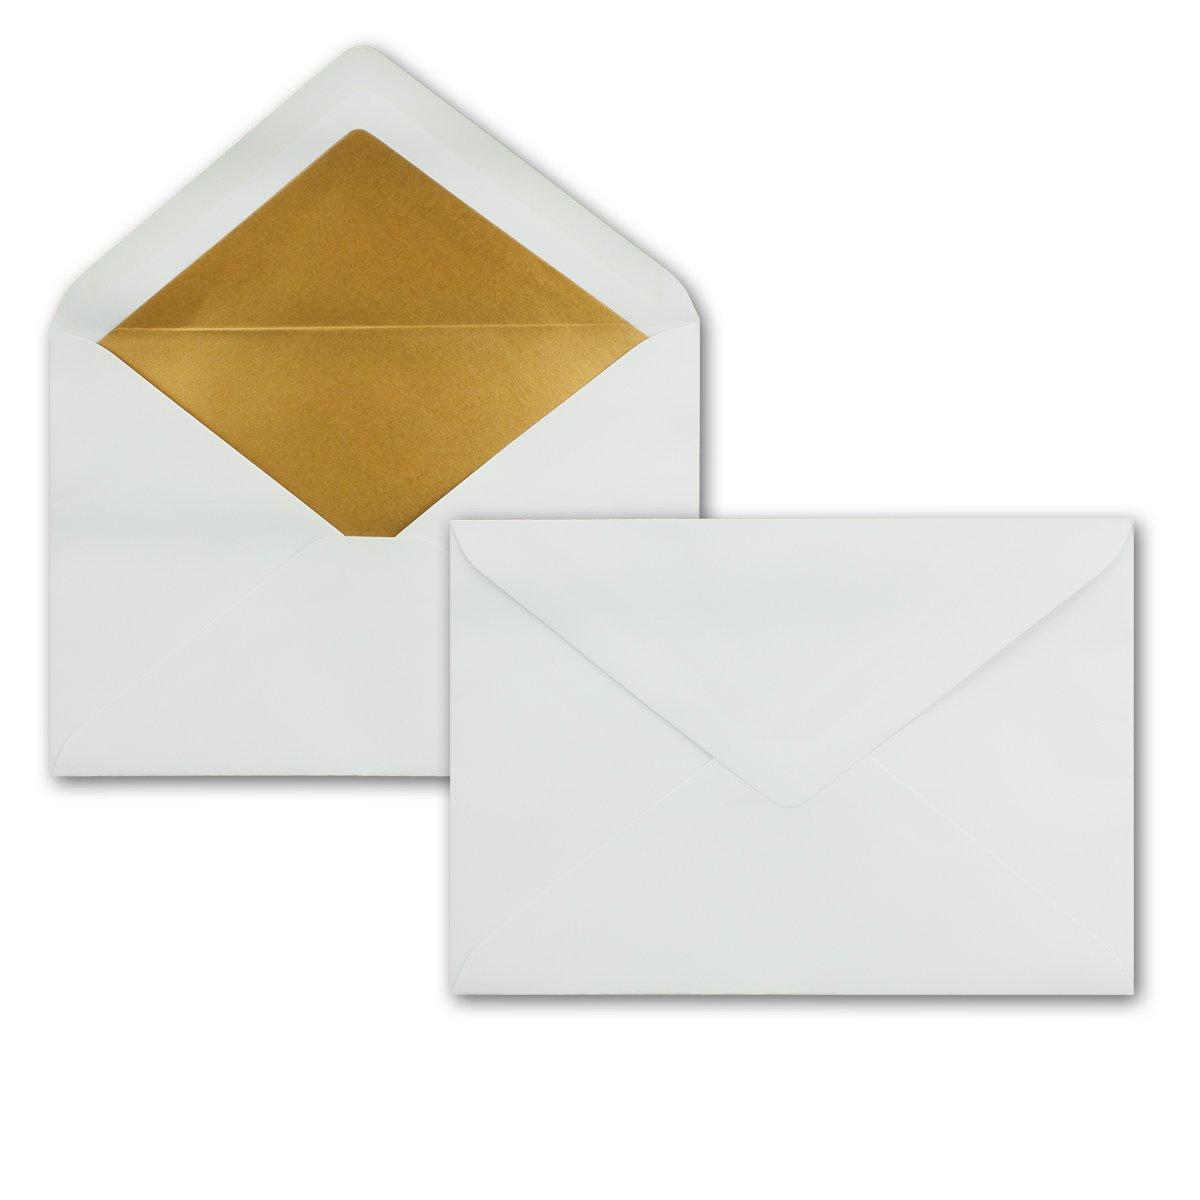 incollaggio a umido con lembo a punta 50 Umschl/äge Sandbraun Gold Futter formato DIN C5 Buste da lettere con rivestimento ad effetto metallico 156 x 220 mm